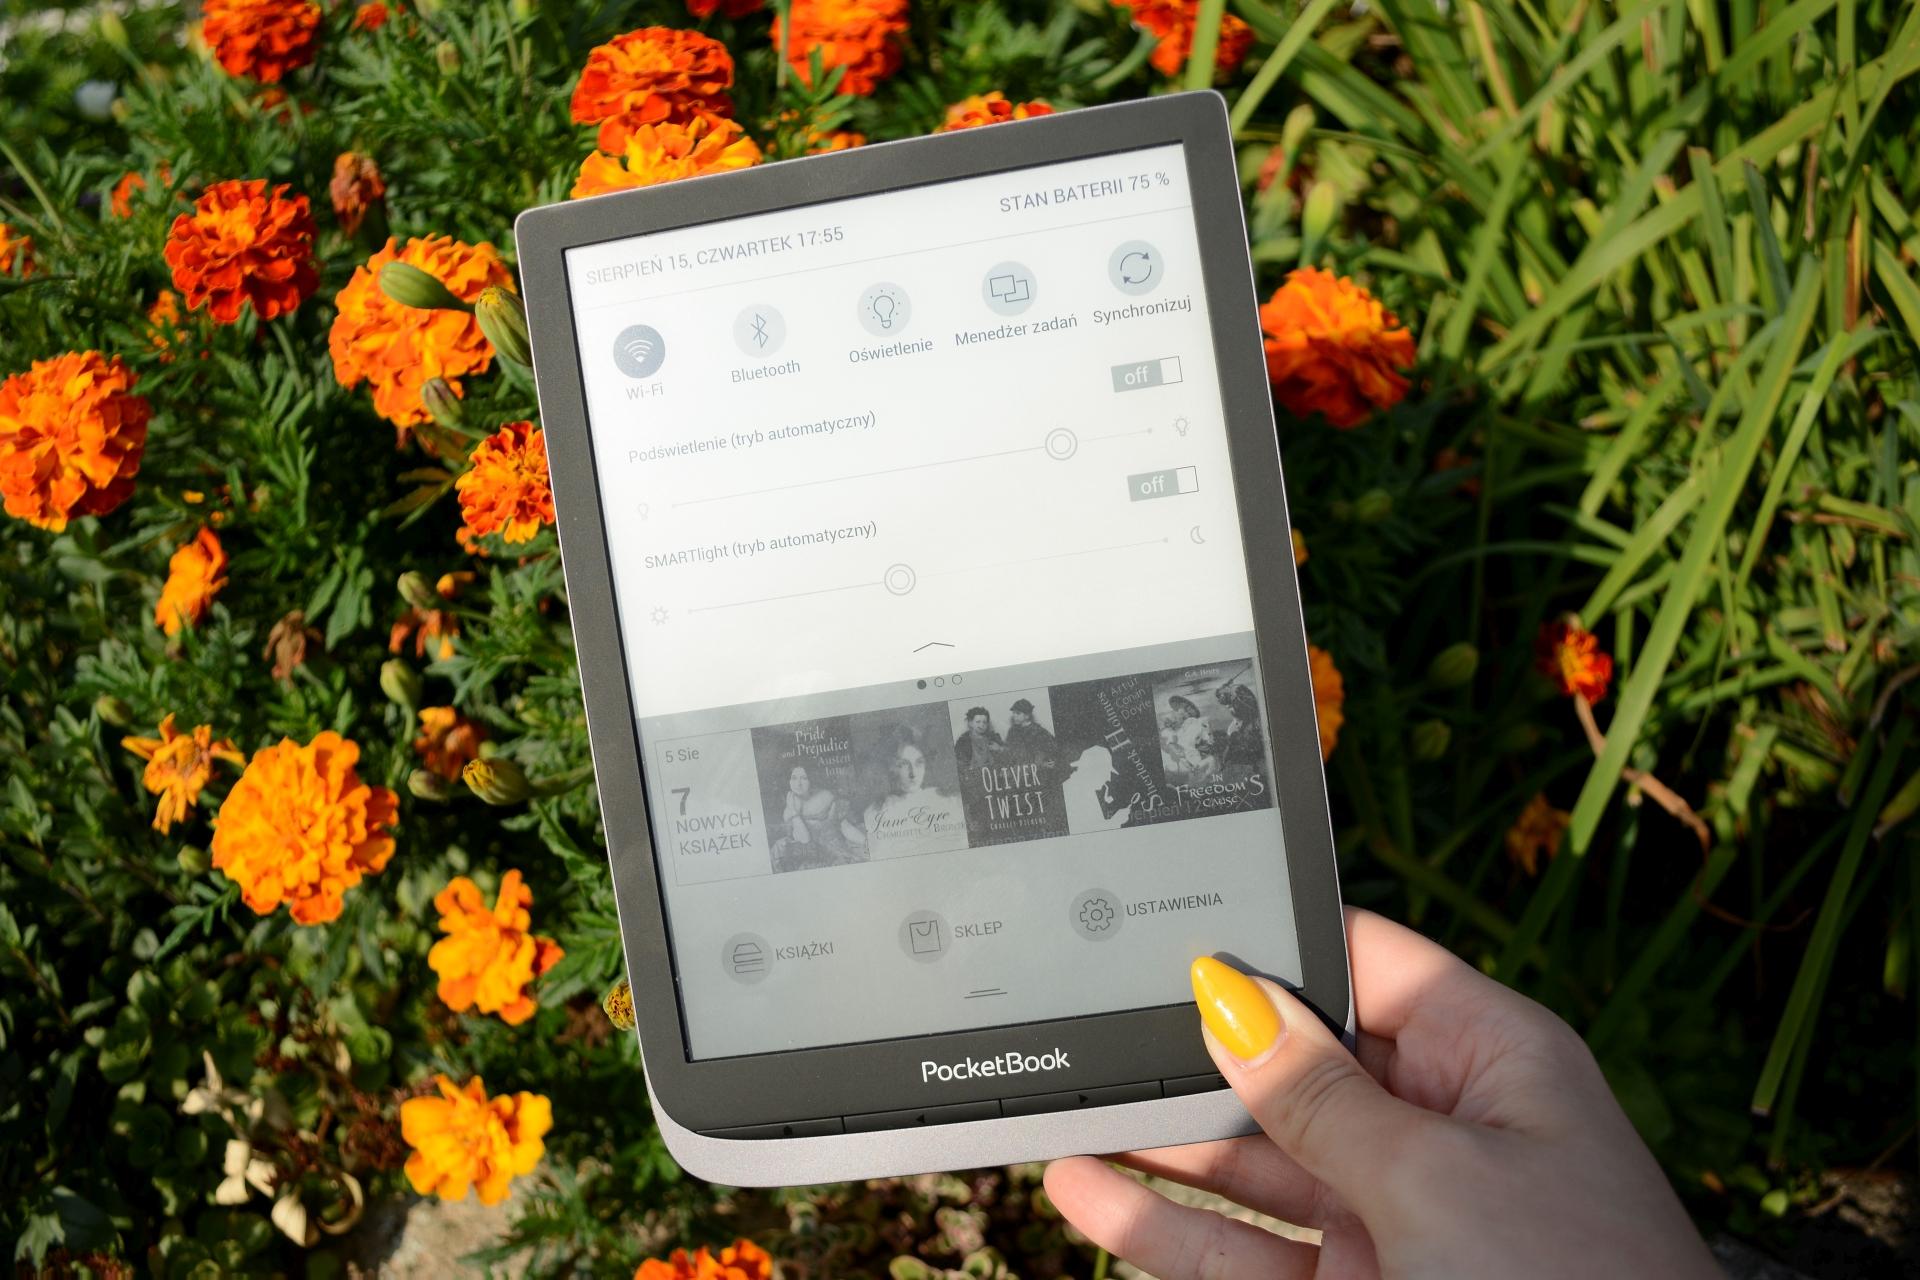 Czy InkPad 3 Pro to najlepszy czytnik ebooków PocketBooka? [SZCZEGÓŁOWA RECENZJA] - www.naczytniku.pl